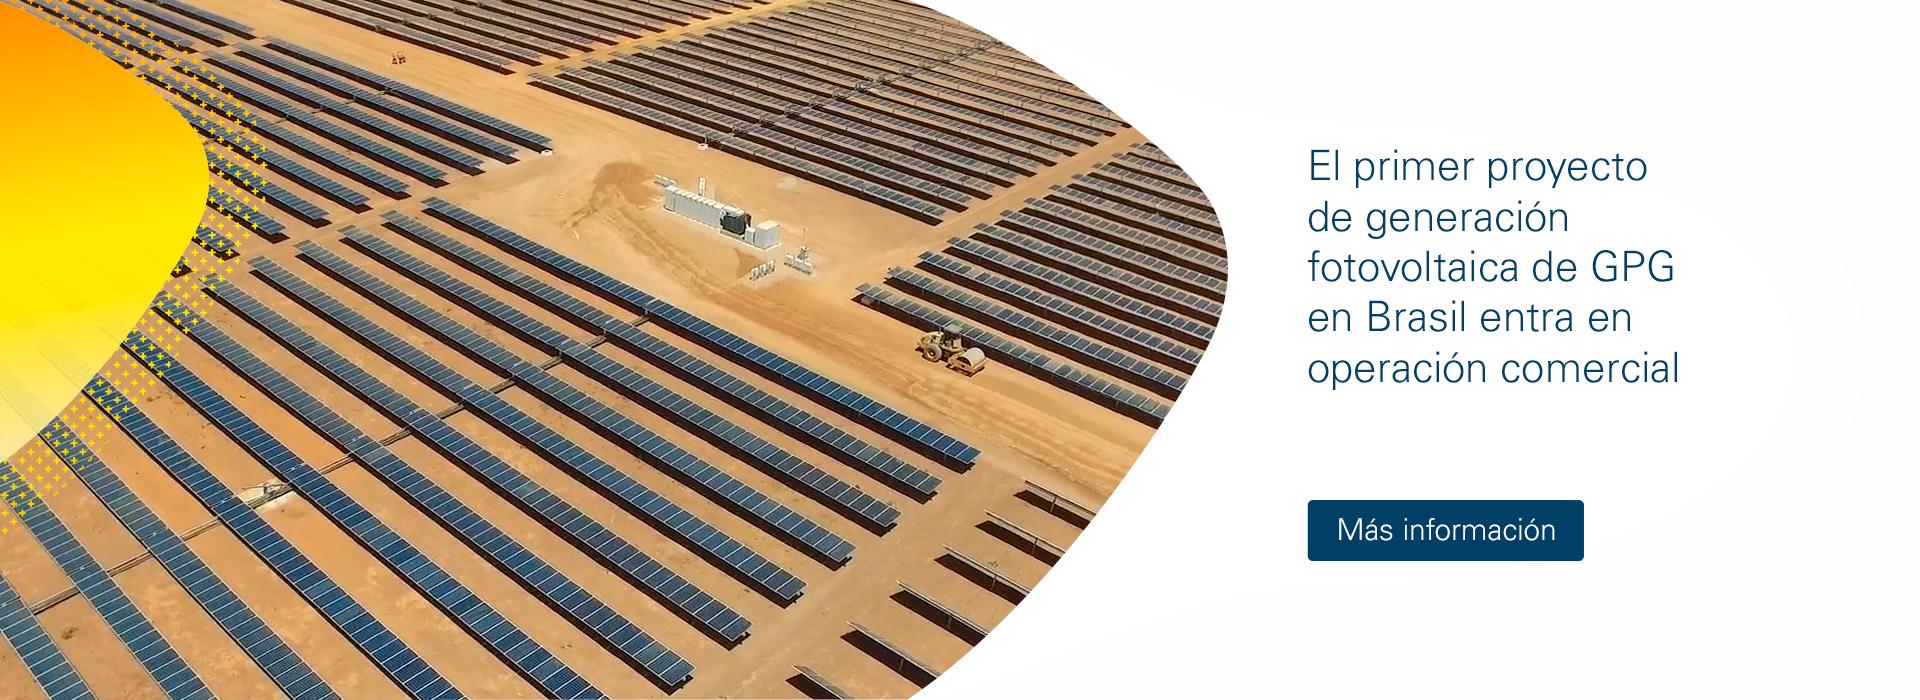 Placas fotovoltaicas Brasil